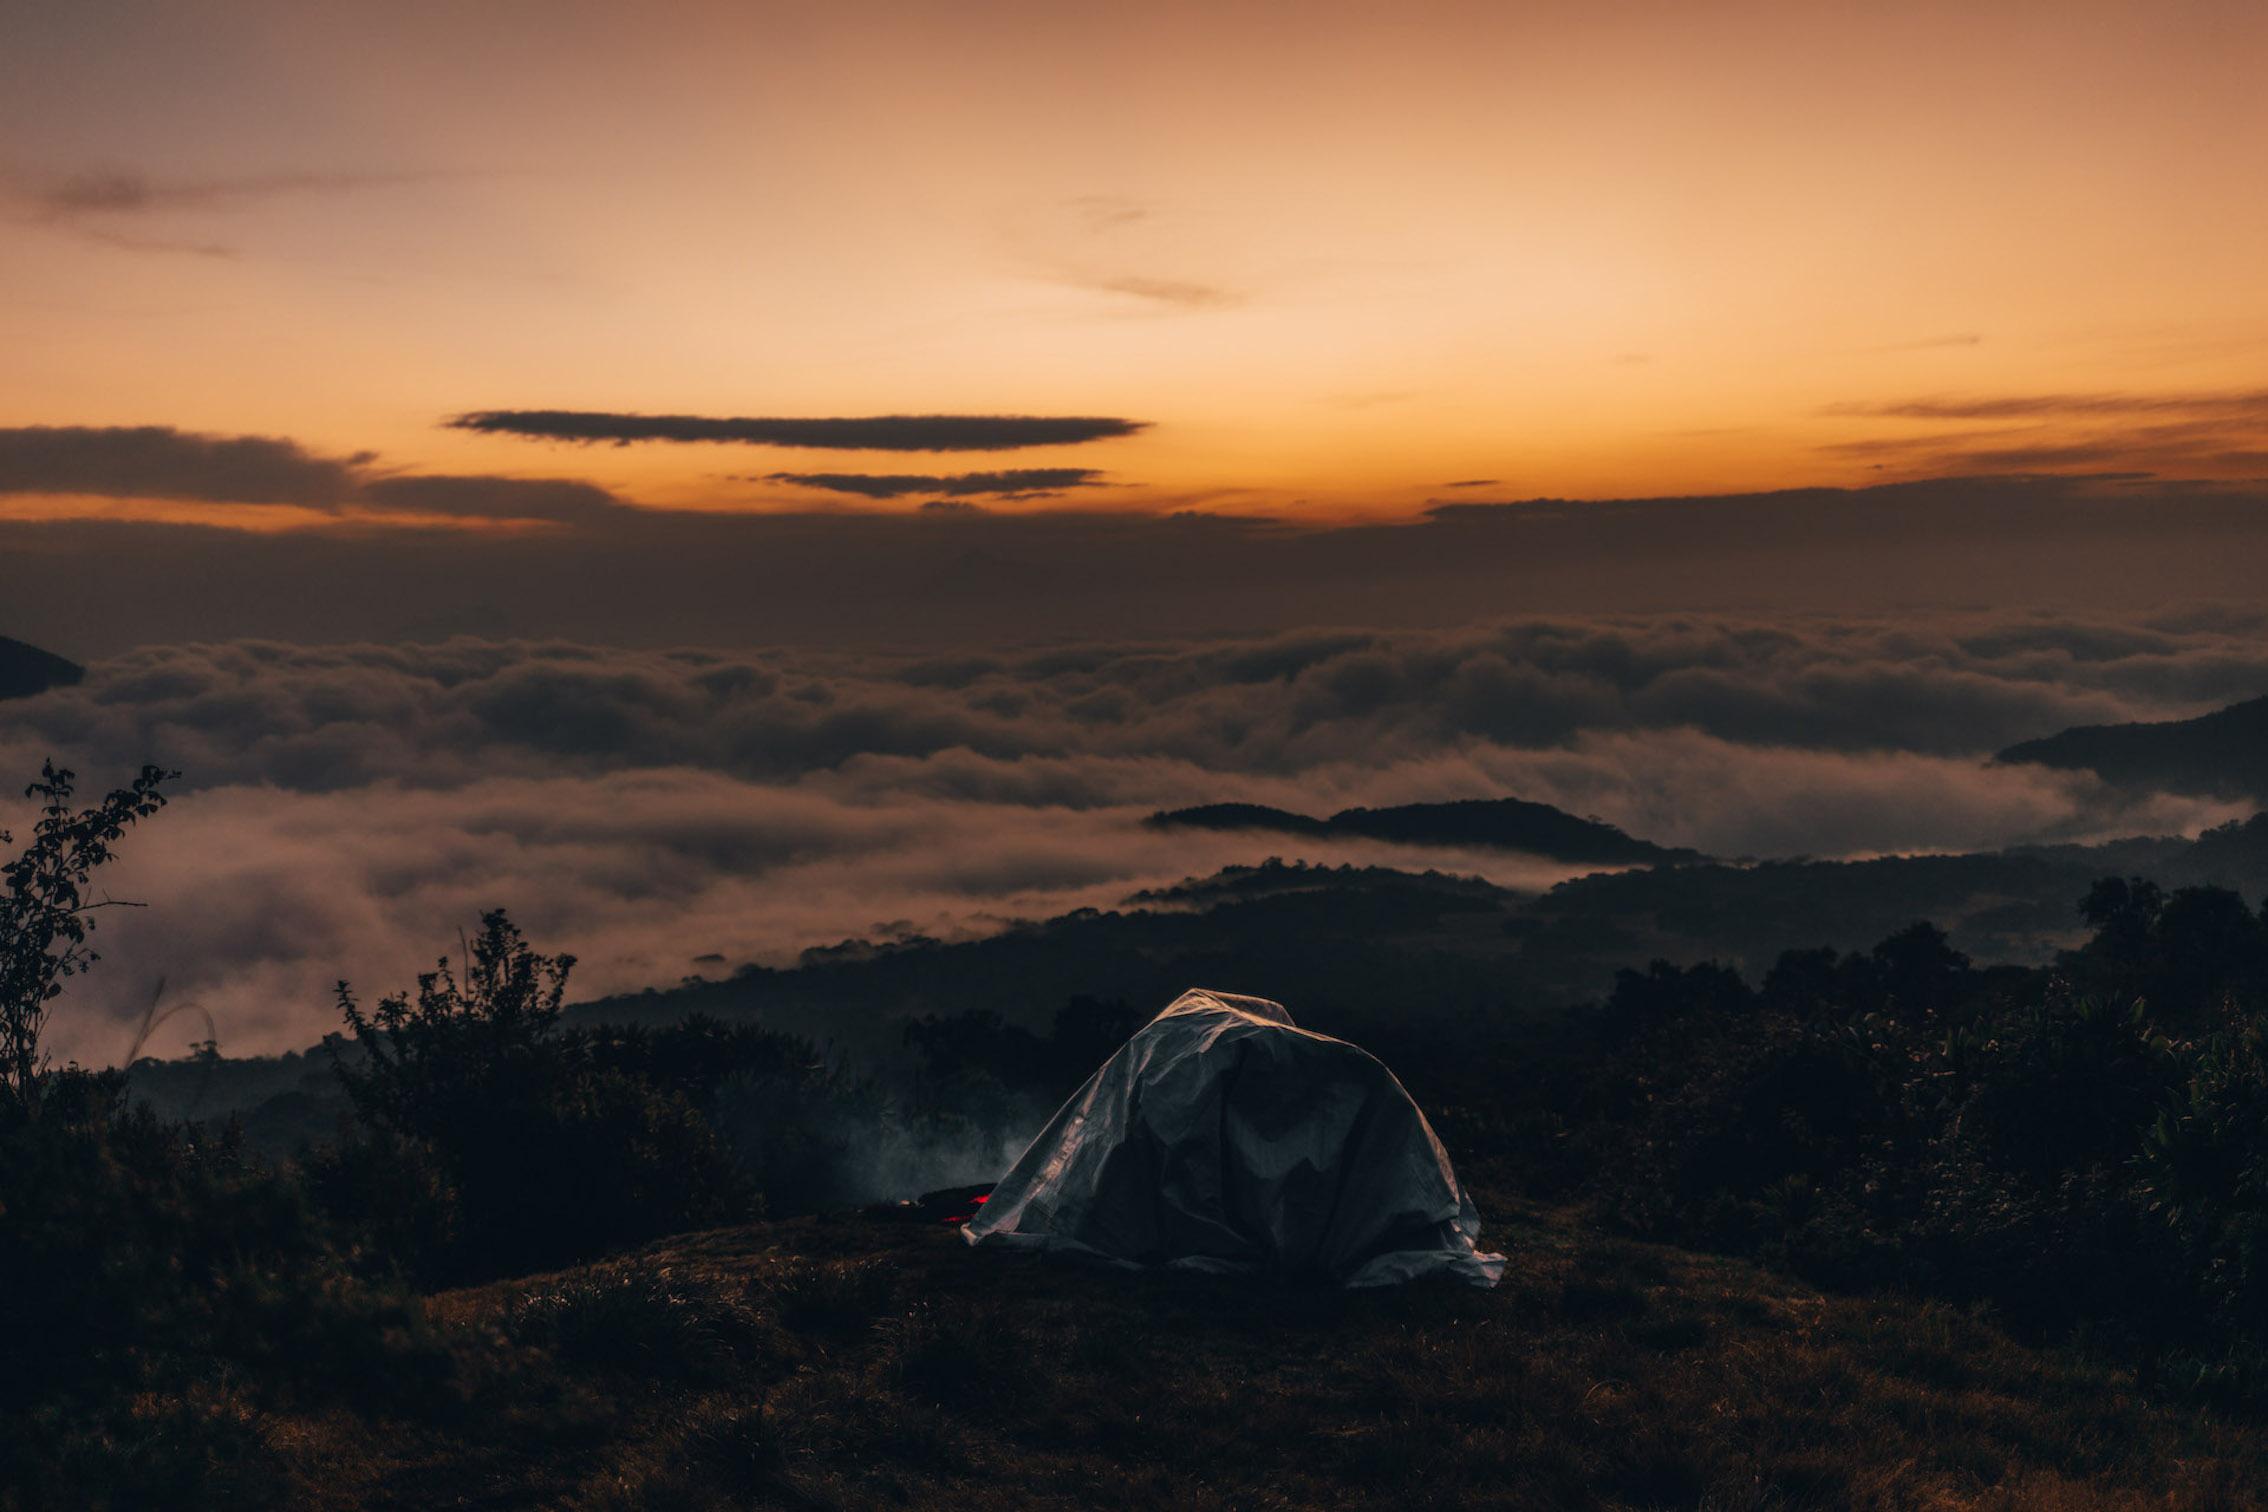 Coucher de soleil lors de l'ascension du volcan Karisimbi au Rwanda.